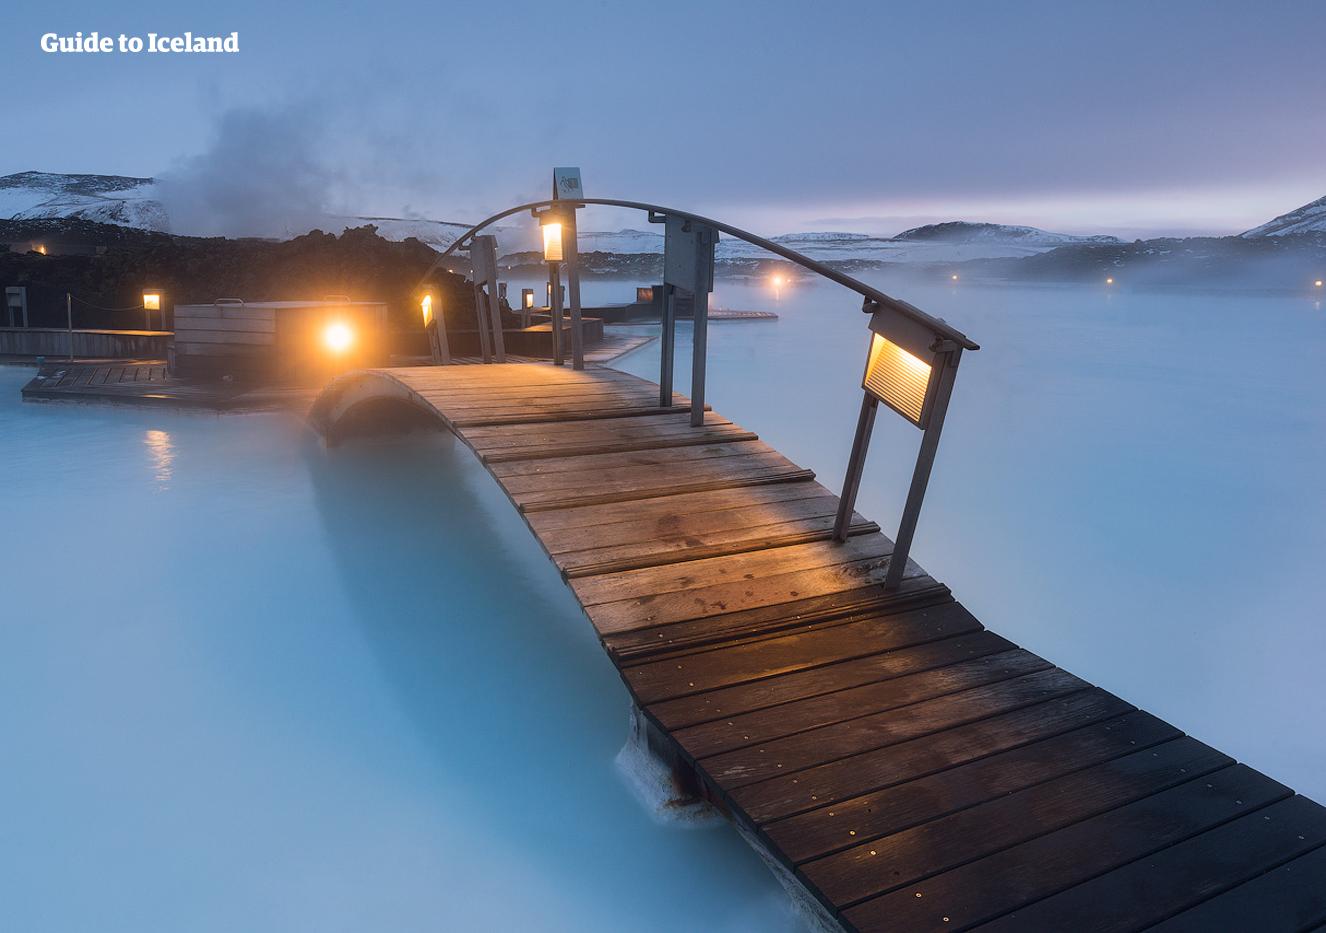 Das geothermale Wasser der Blauen Lagune wird deine verspanten Muskeln verwöhnen.